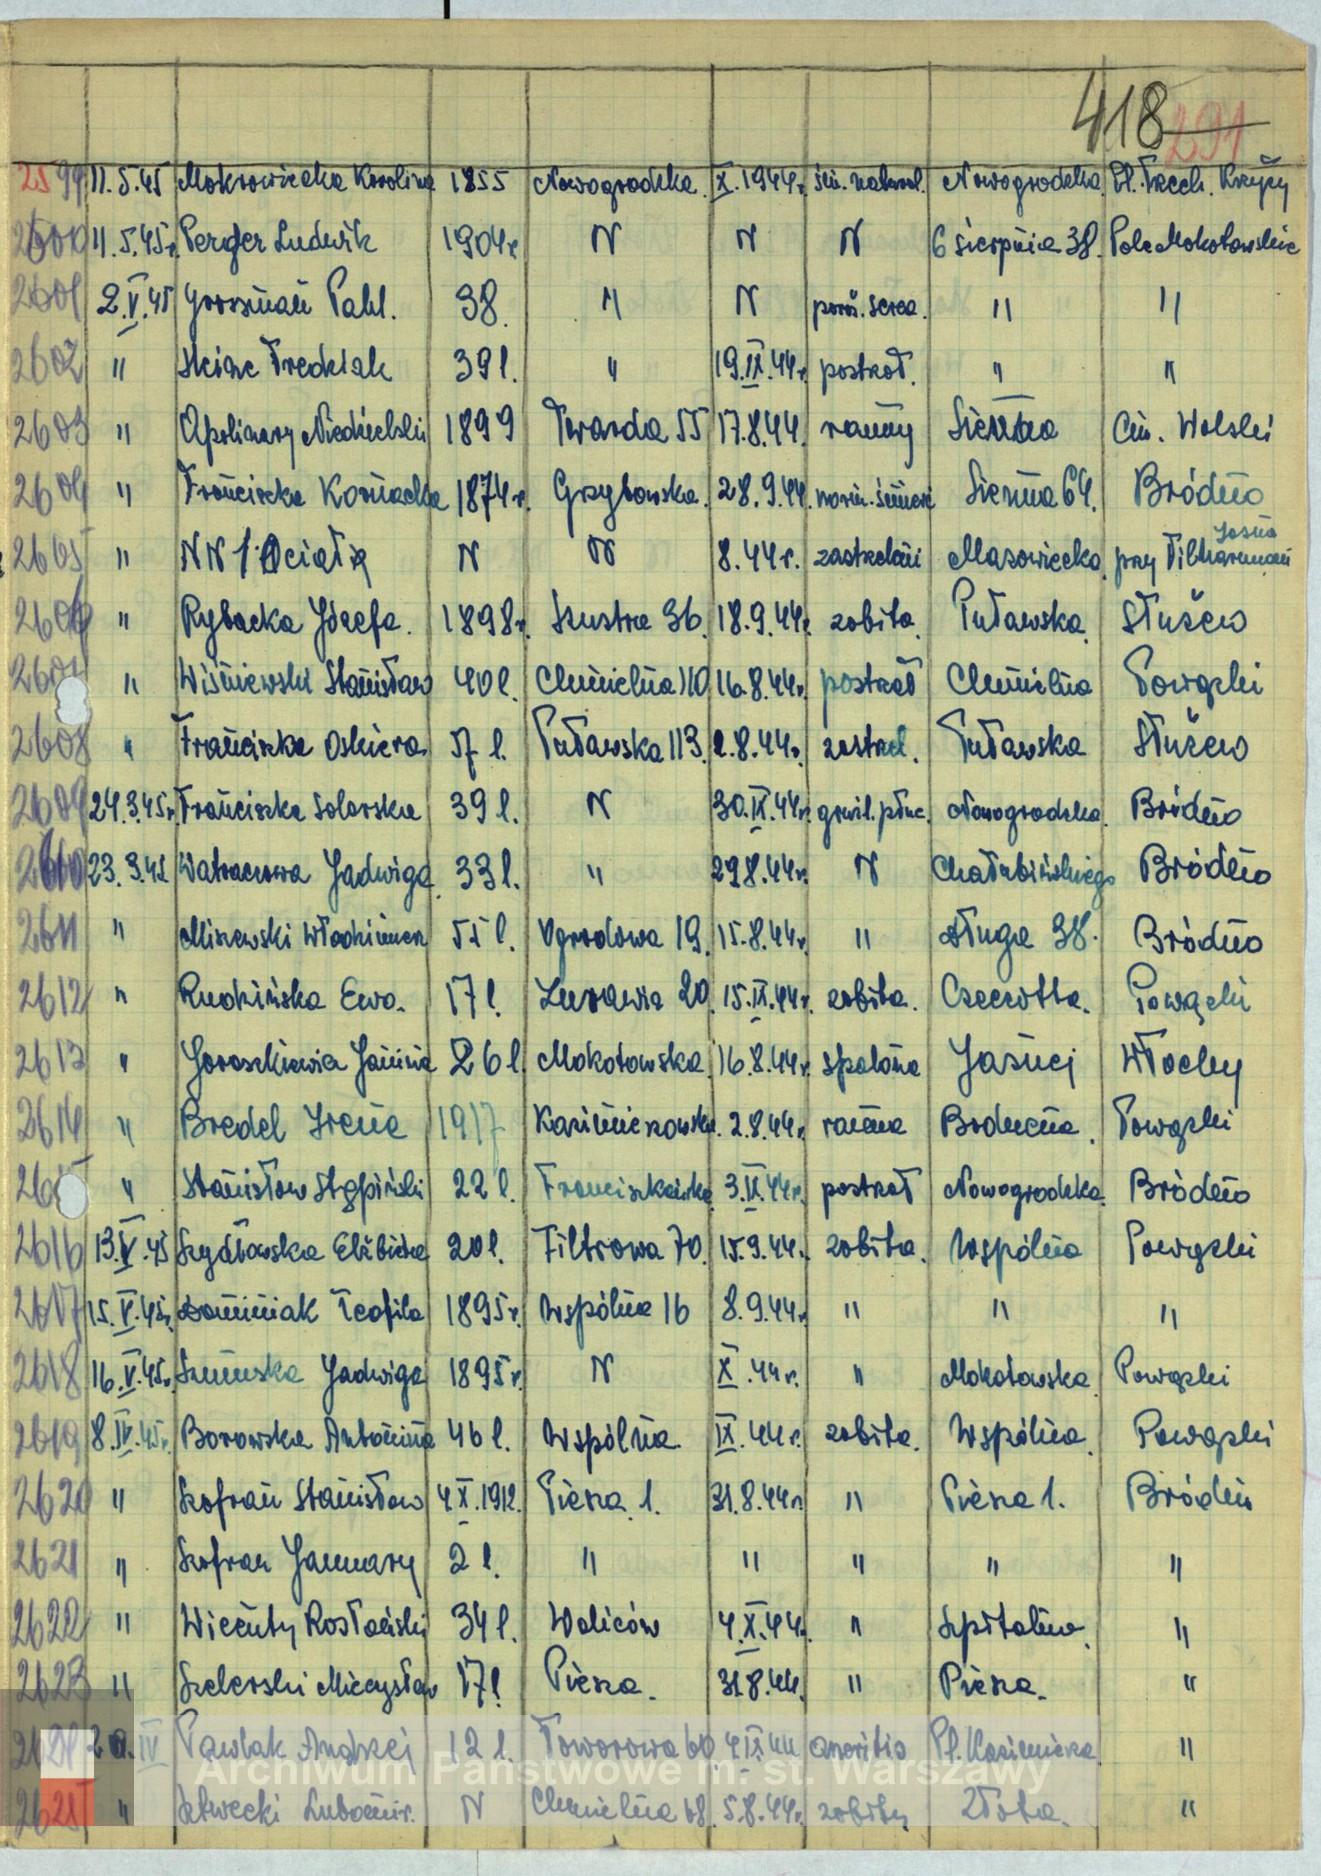 Archiwum Państwowe m. st. Warszawy - listy ekshumowanych - tu data śmierci 15.08.1944, miejsce pochowania - Bródno